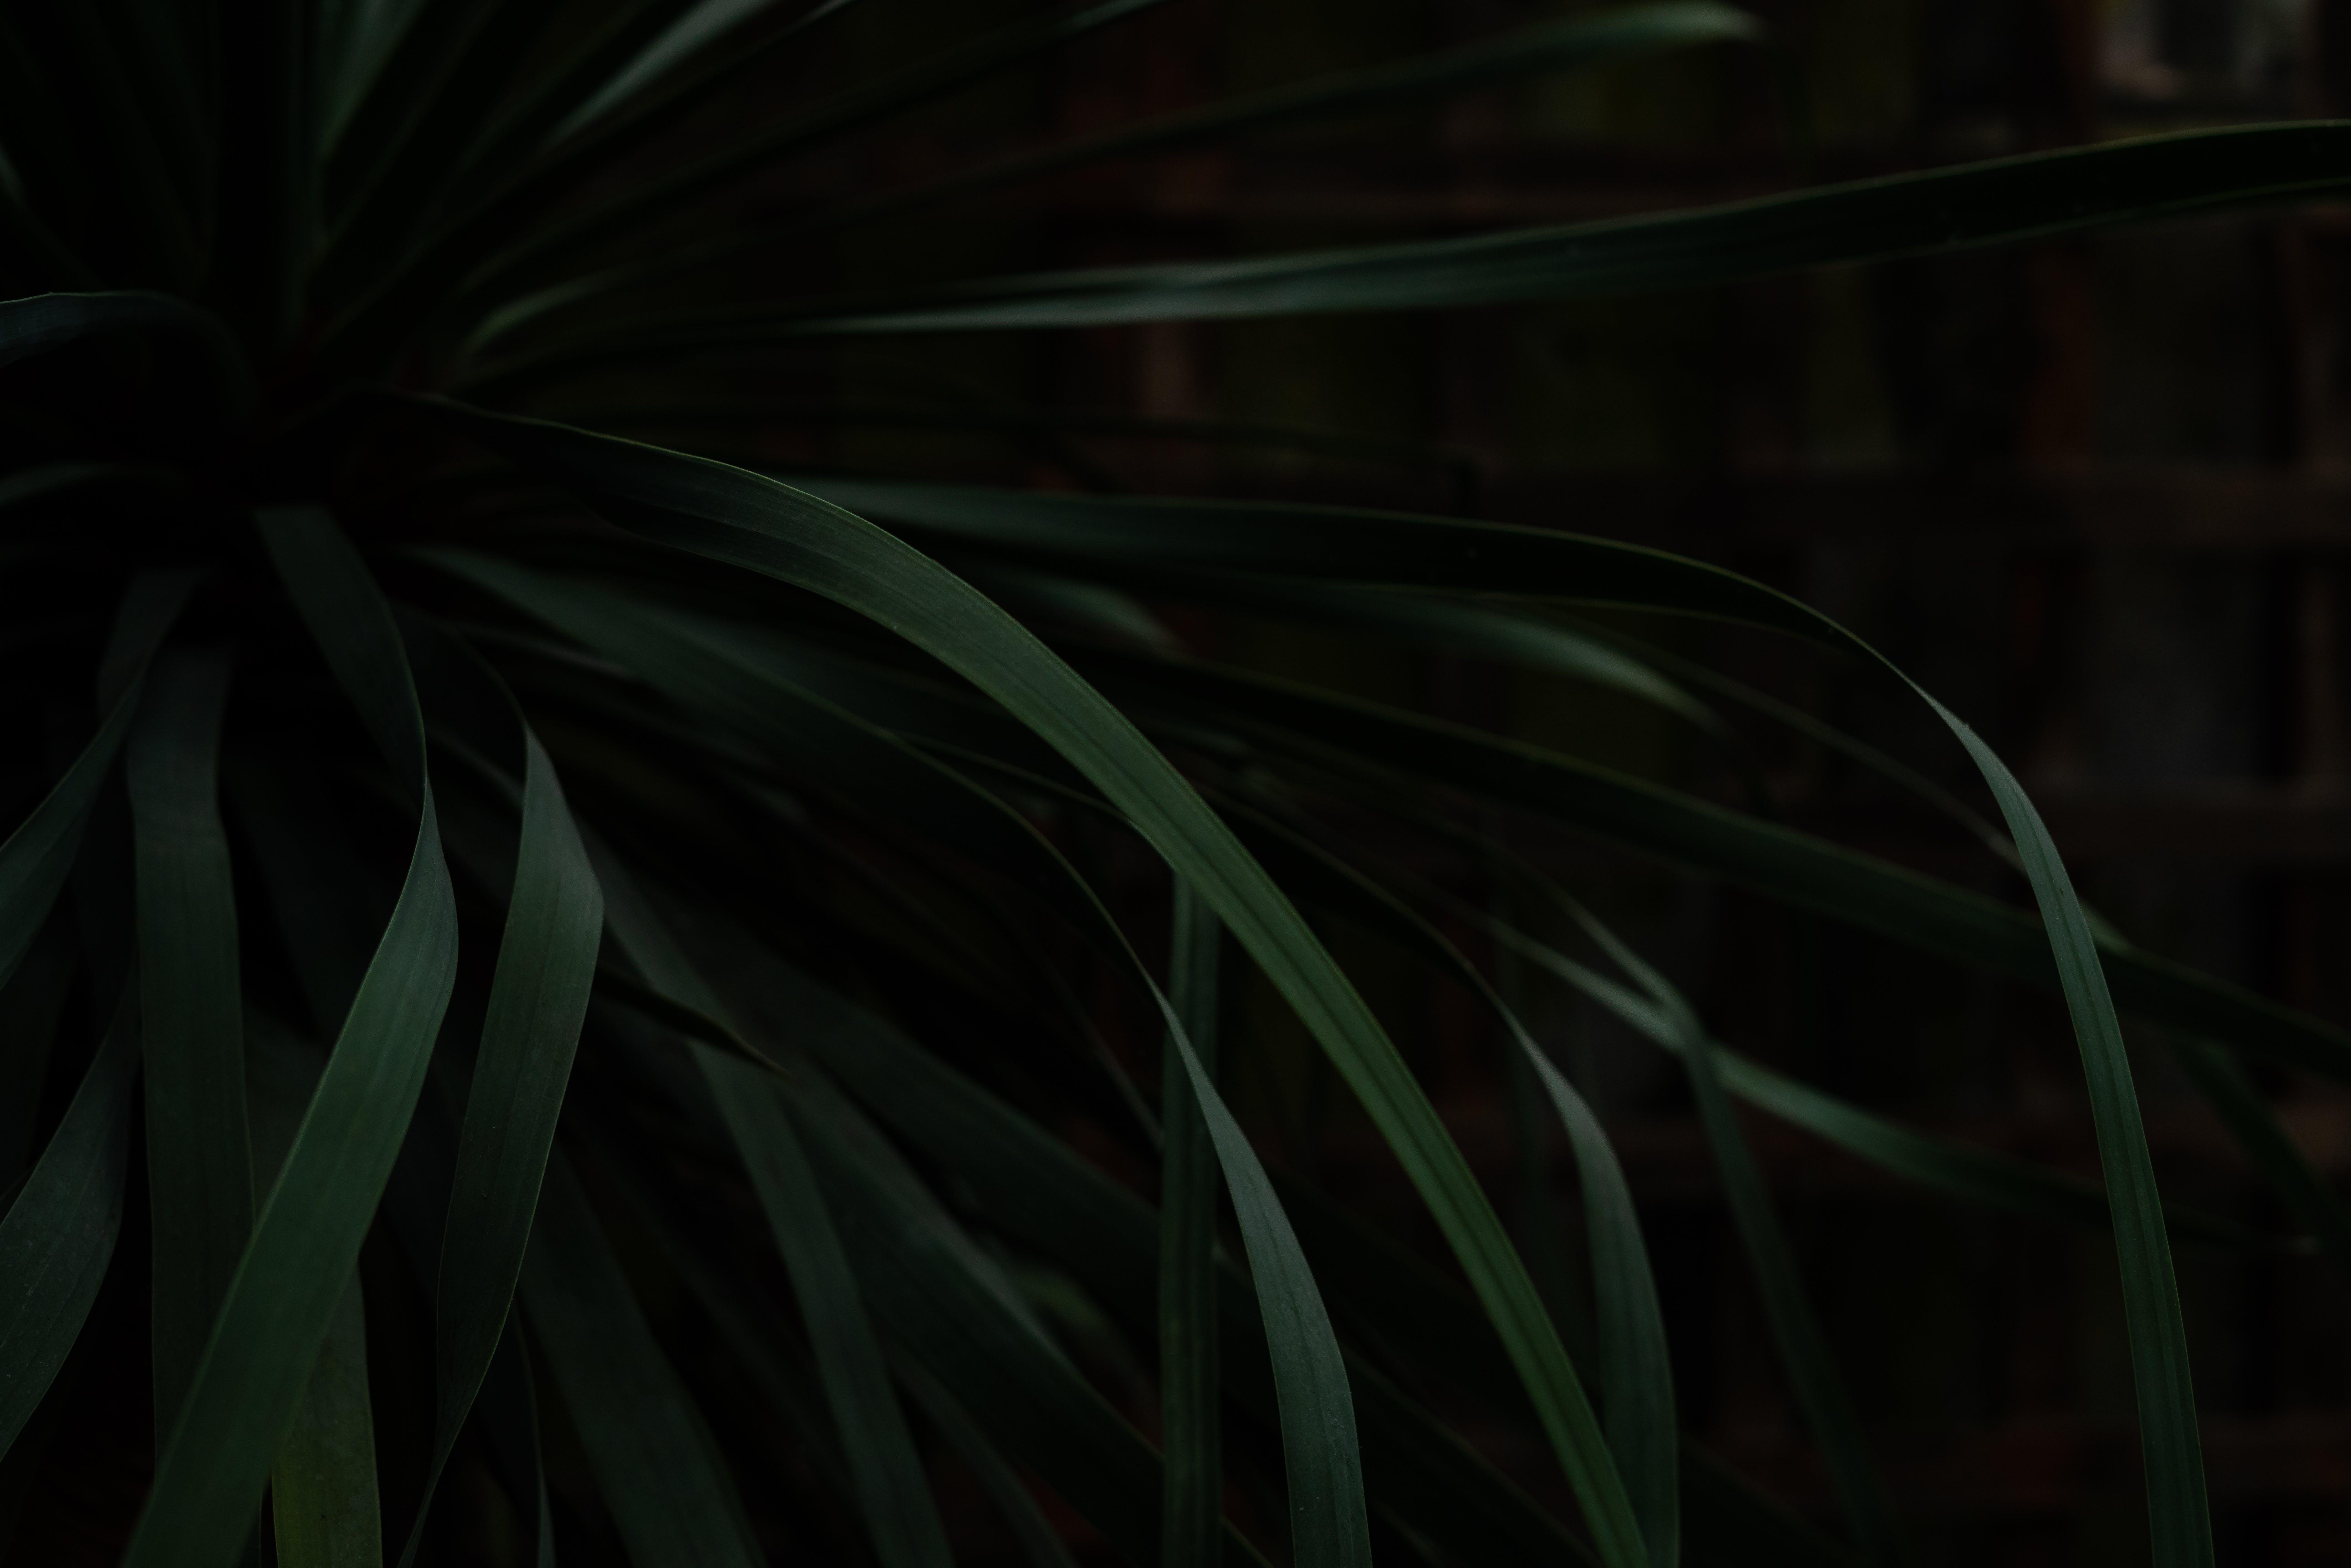 botânico, close, ecológico